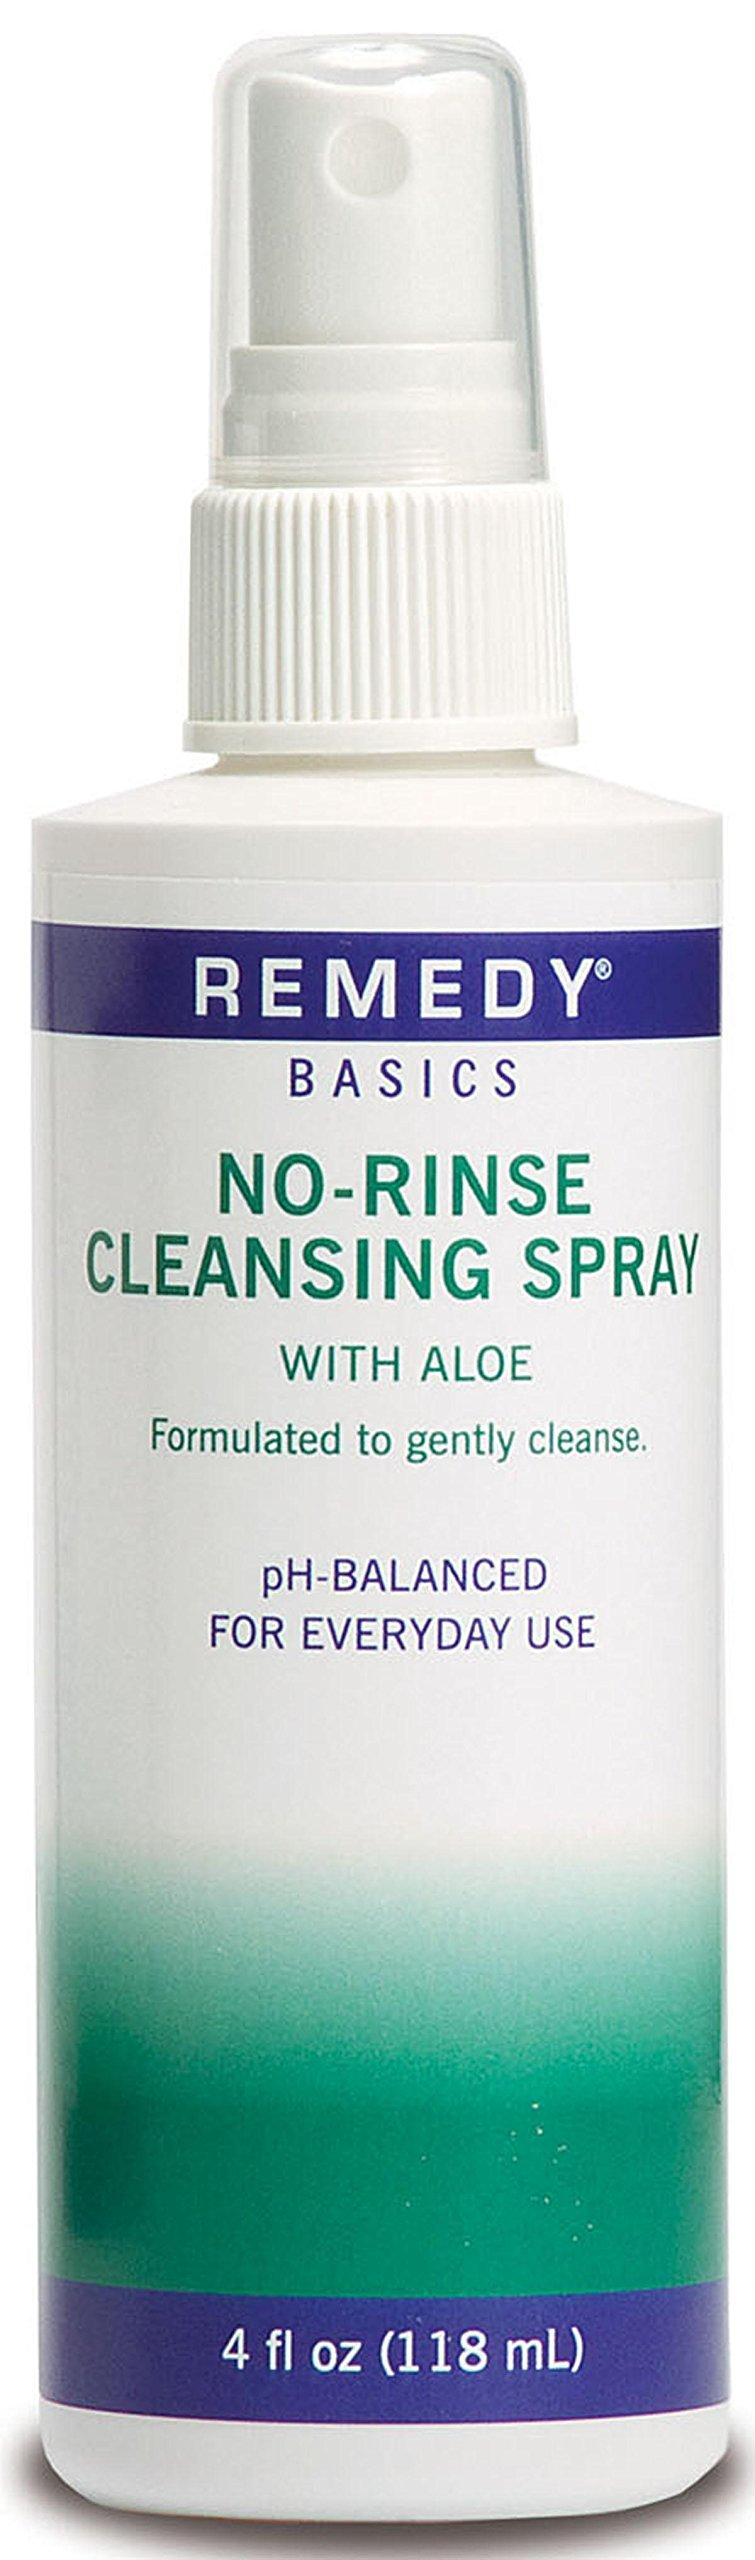 Medline MSC092SCSW04H Remedy Basics No-Rinse Cleansing Spray, 4oz. by Medline